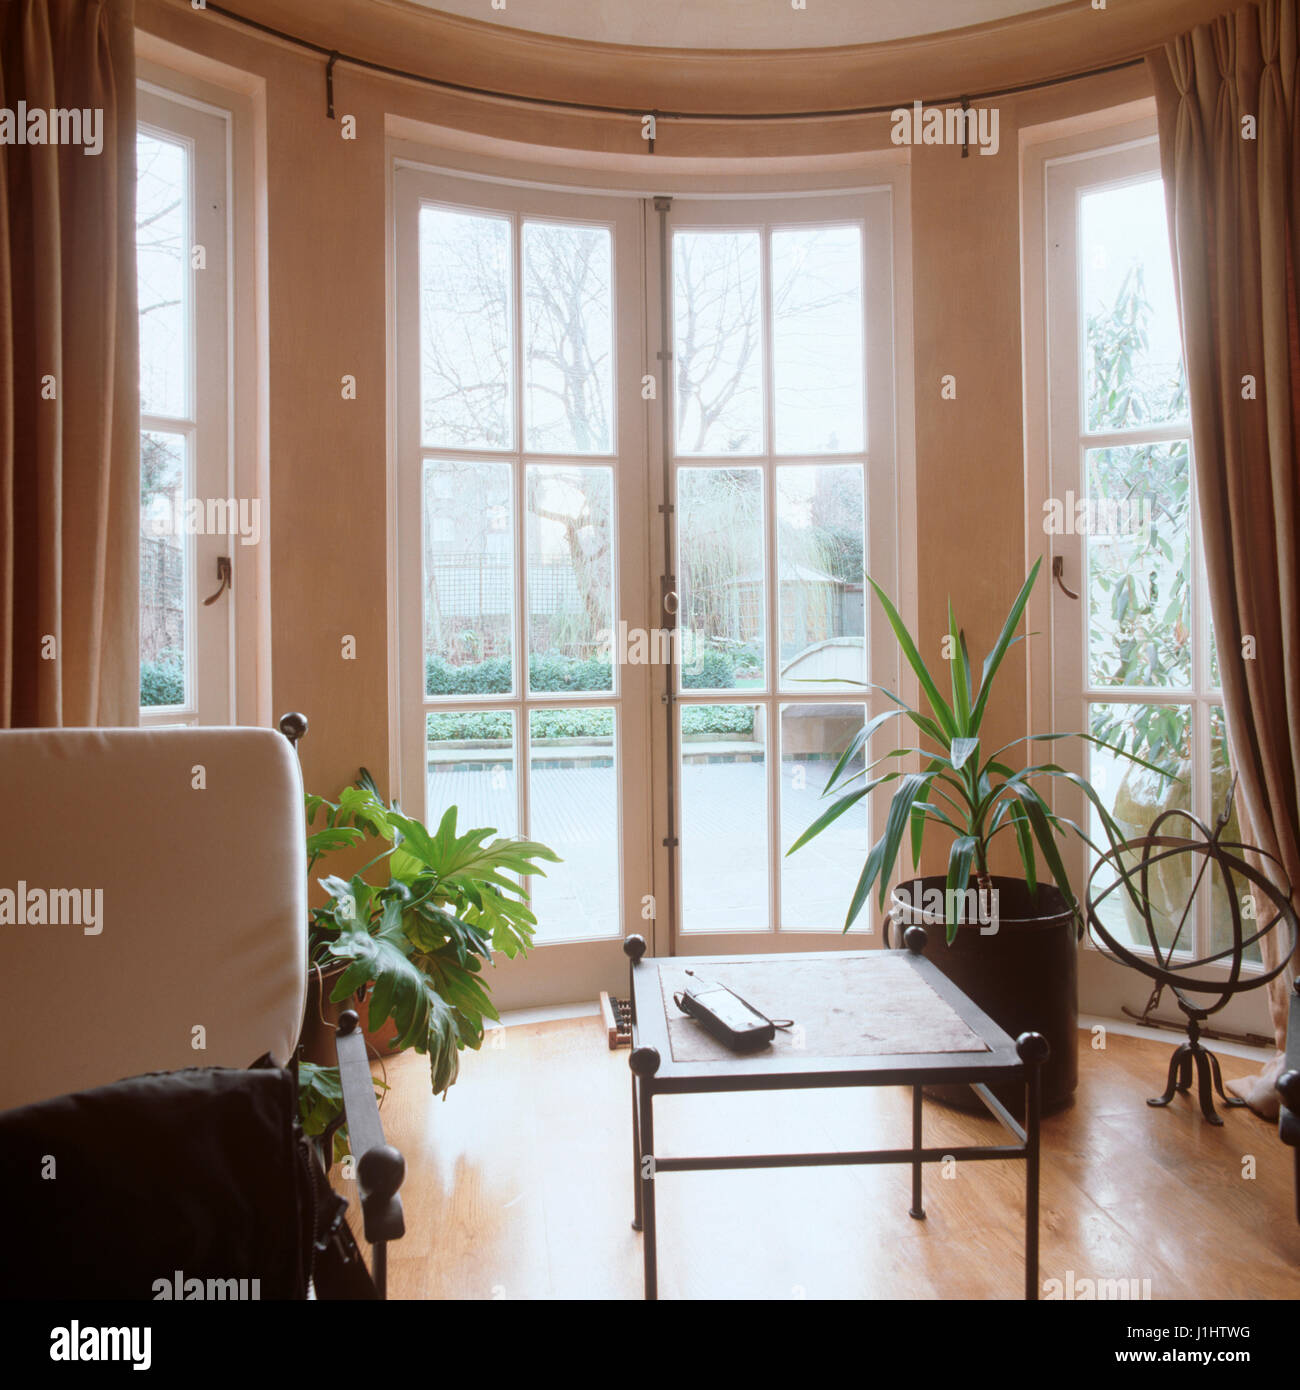 Baie Vitrée Voutée double baie vitrée photos & double baie vitrée images - alamy